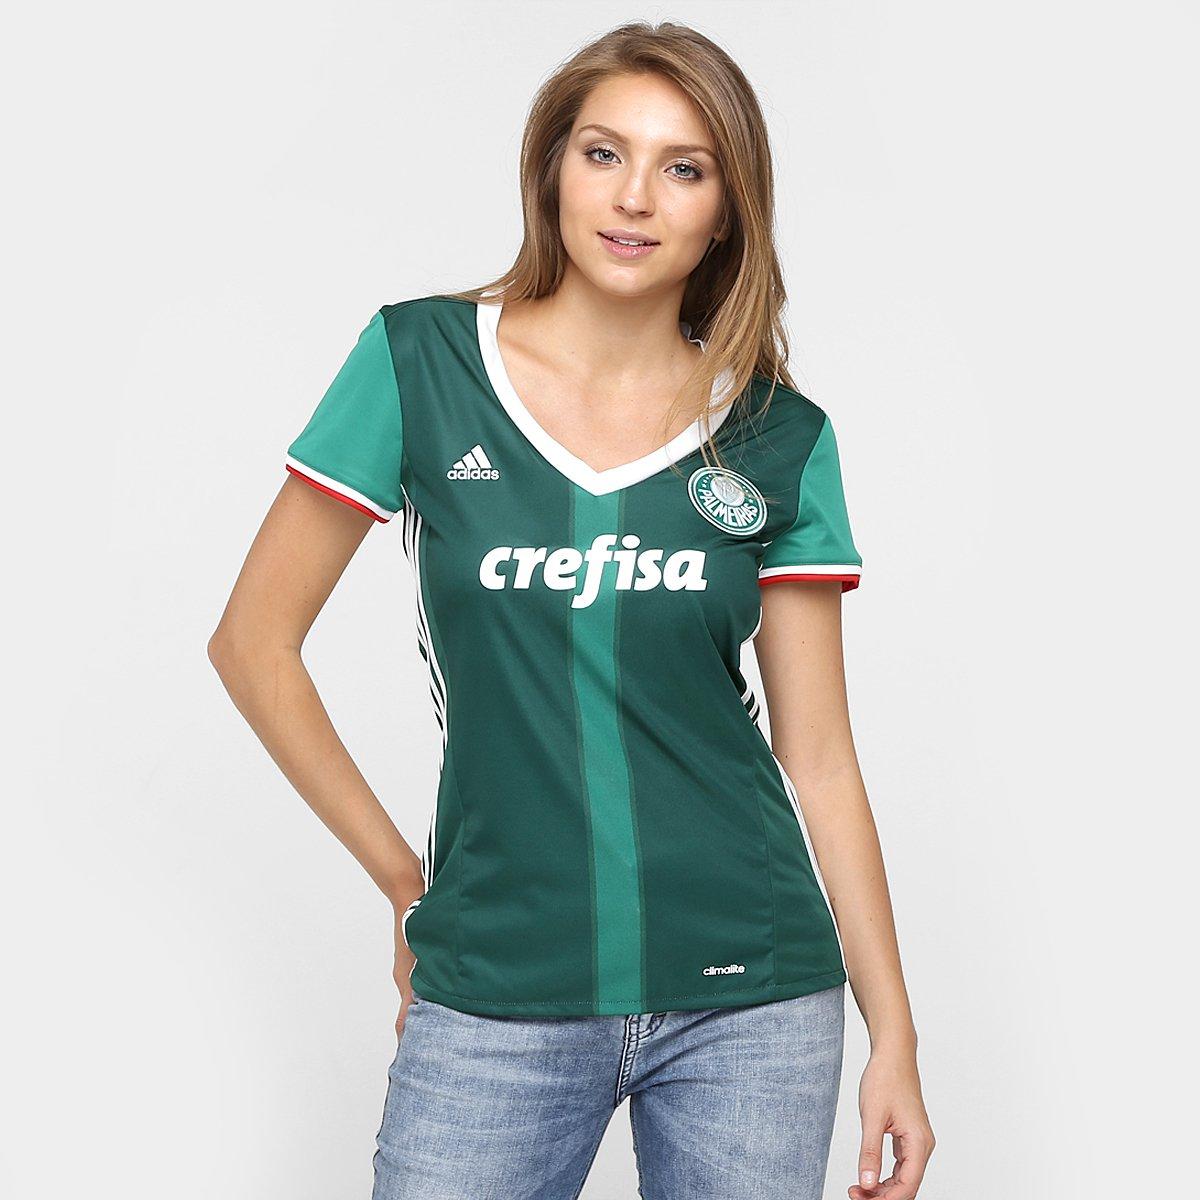 3b021ca974ccd Camisa Palmeiras I 2016 s nº - Torcedor Adidas Feminina